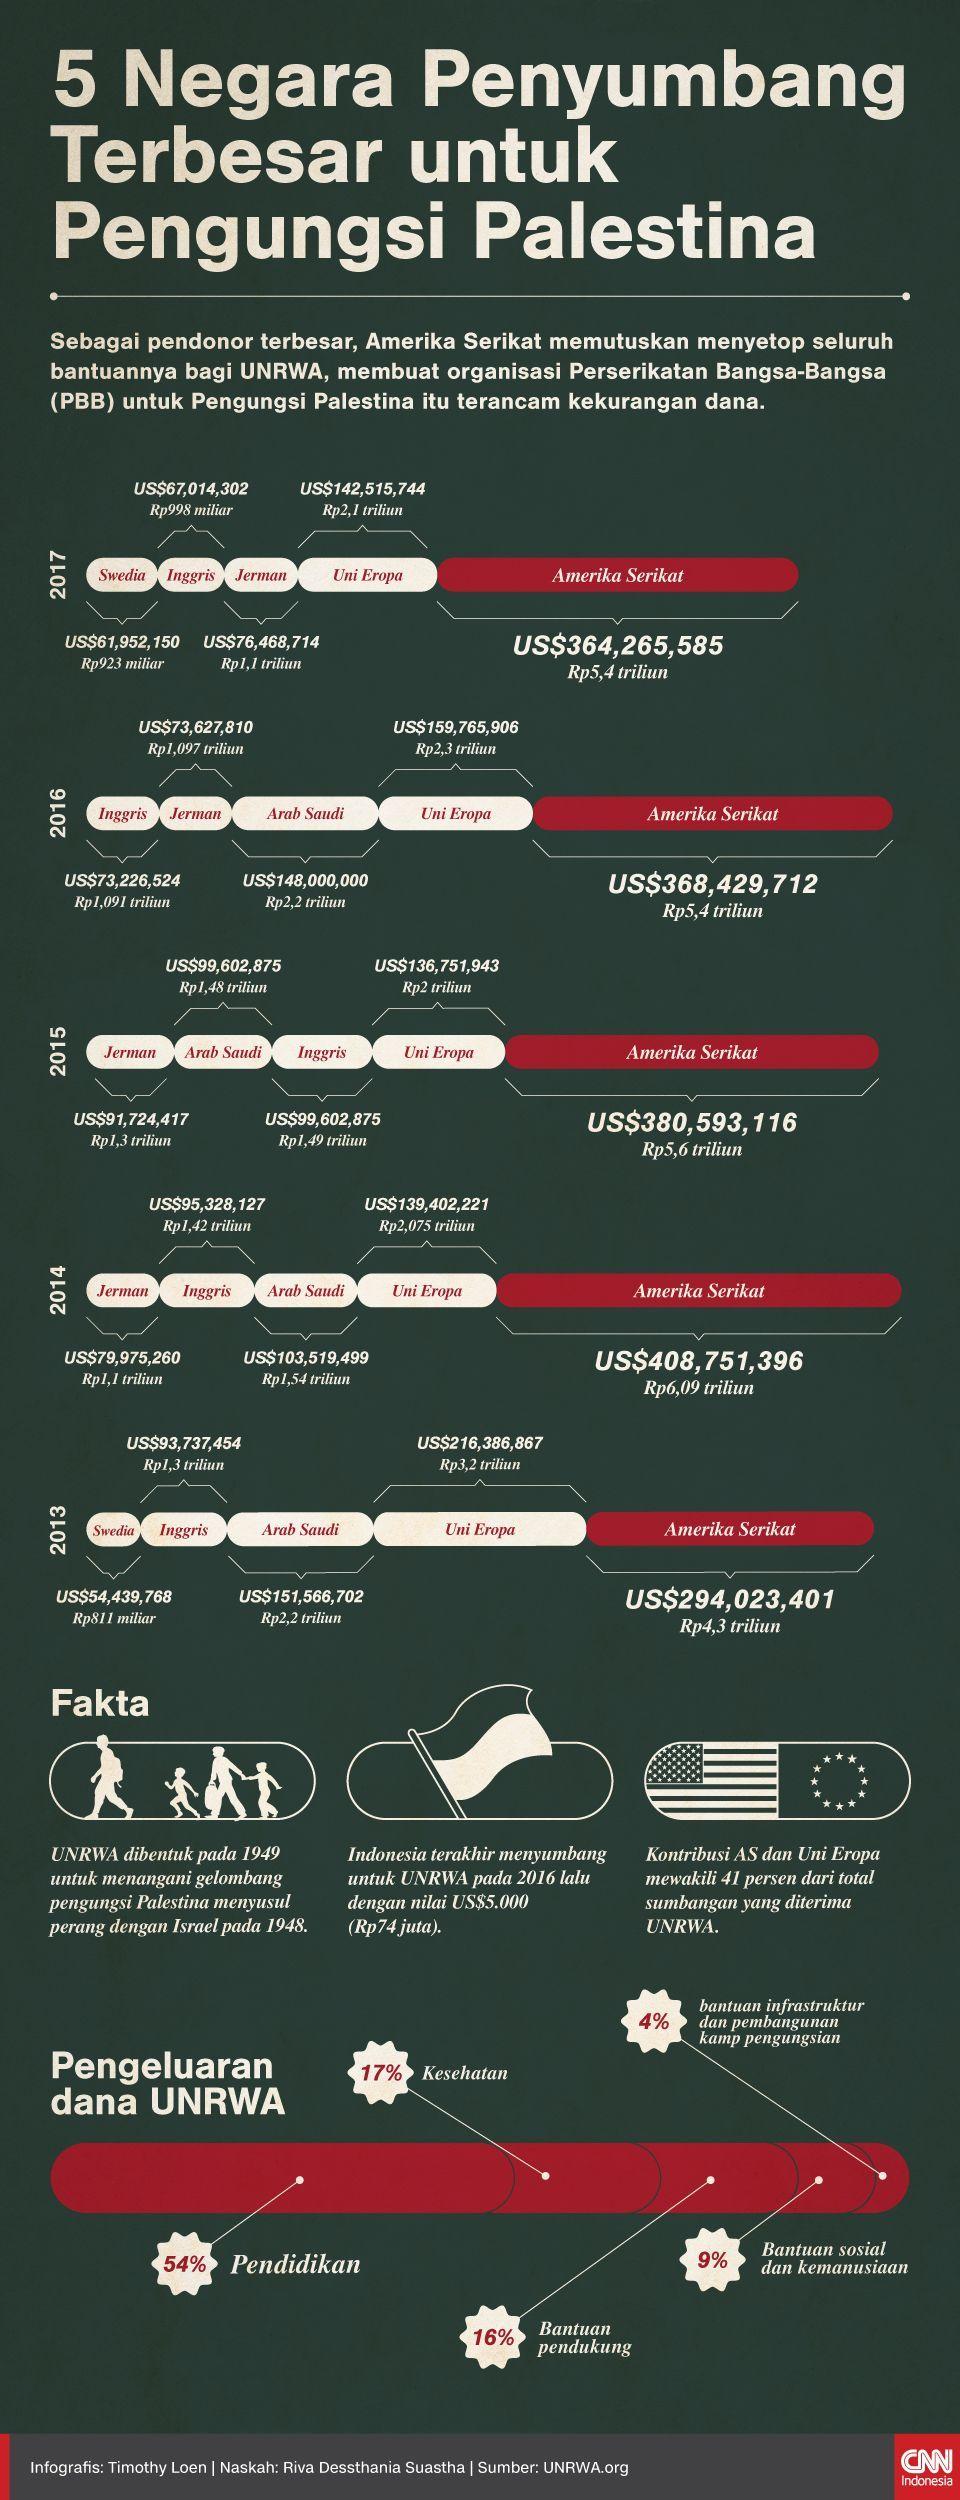 Infografis 5 Negara Penyumbang Terbesar untuk Pengungsi Palestina